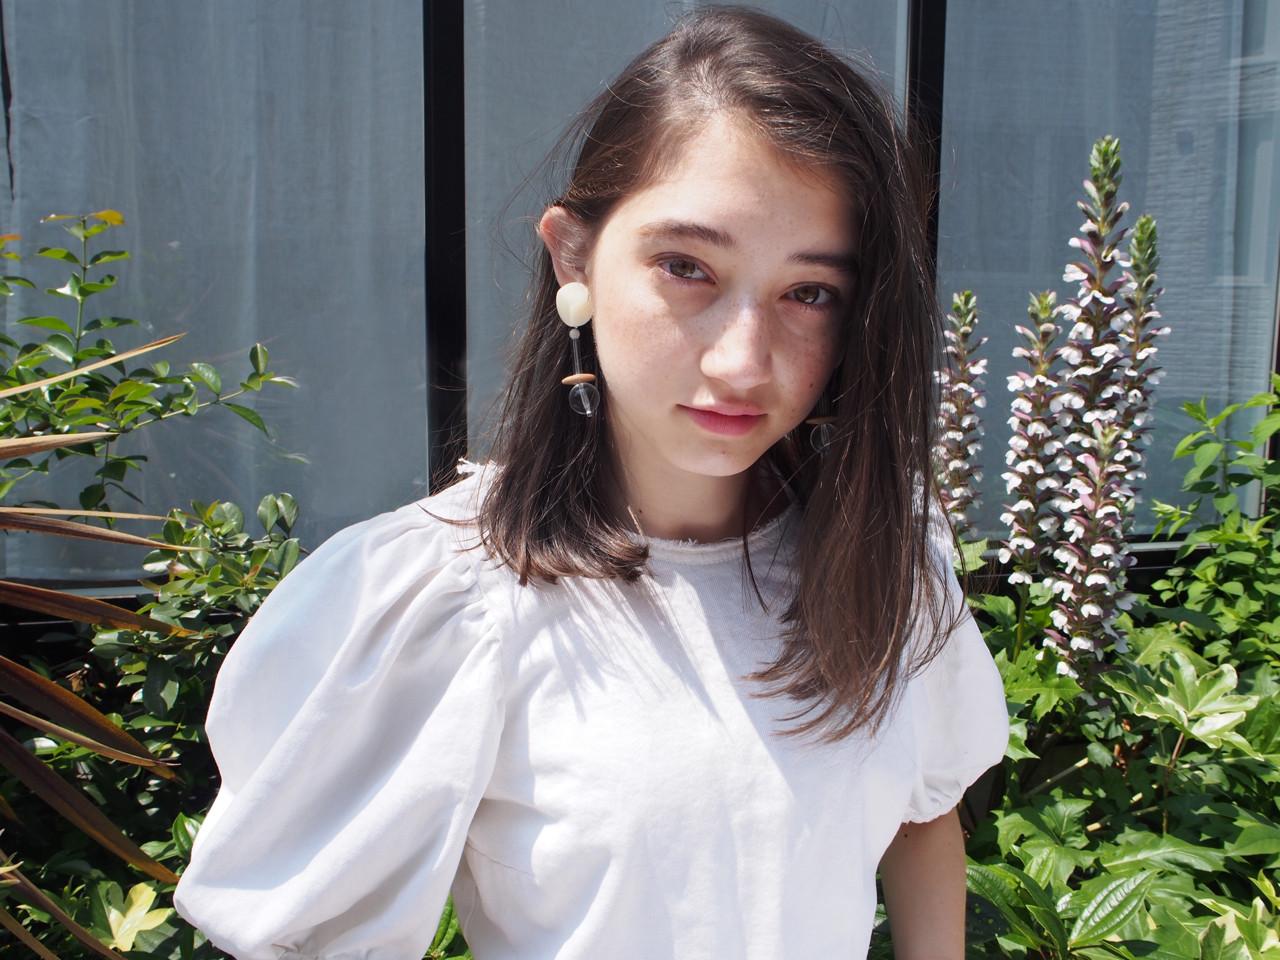 ミディアム リラックス ロブ アウトドア ヘアスタイルや髪型の写真・画像